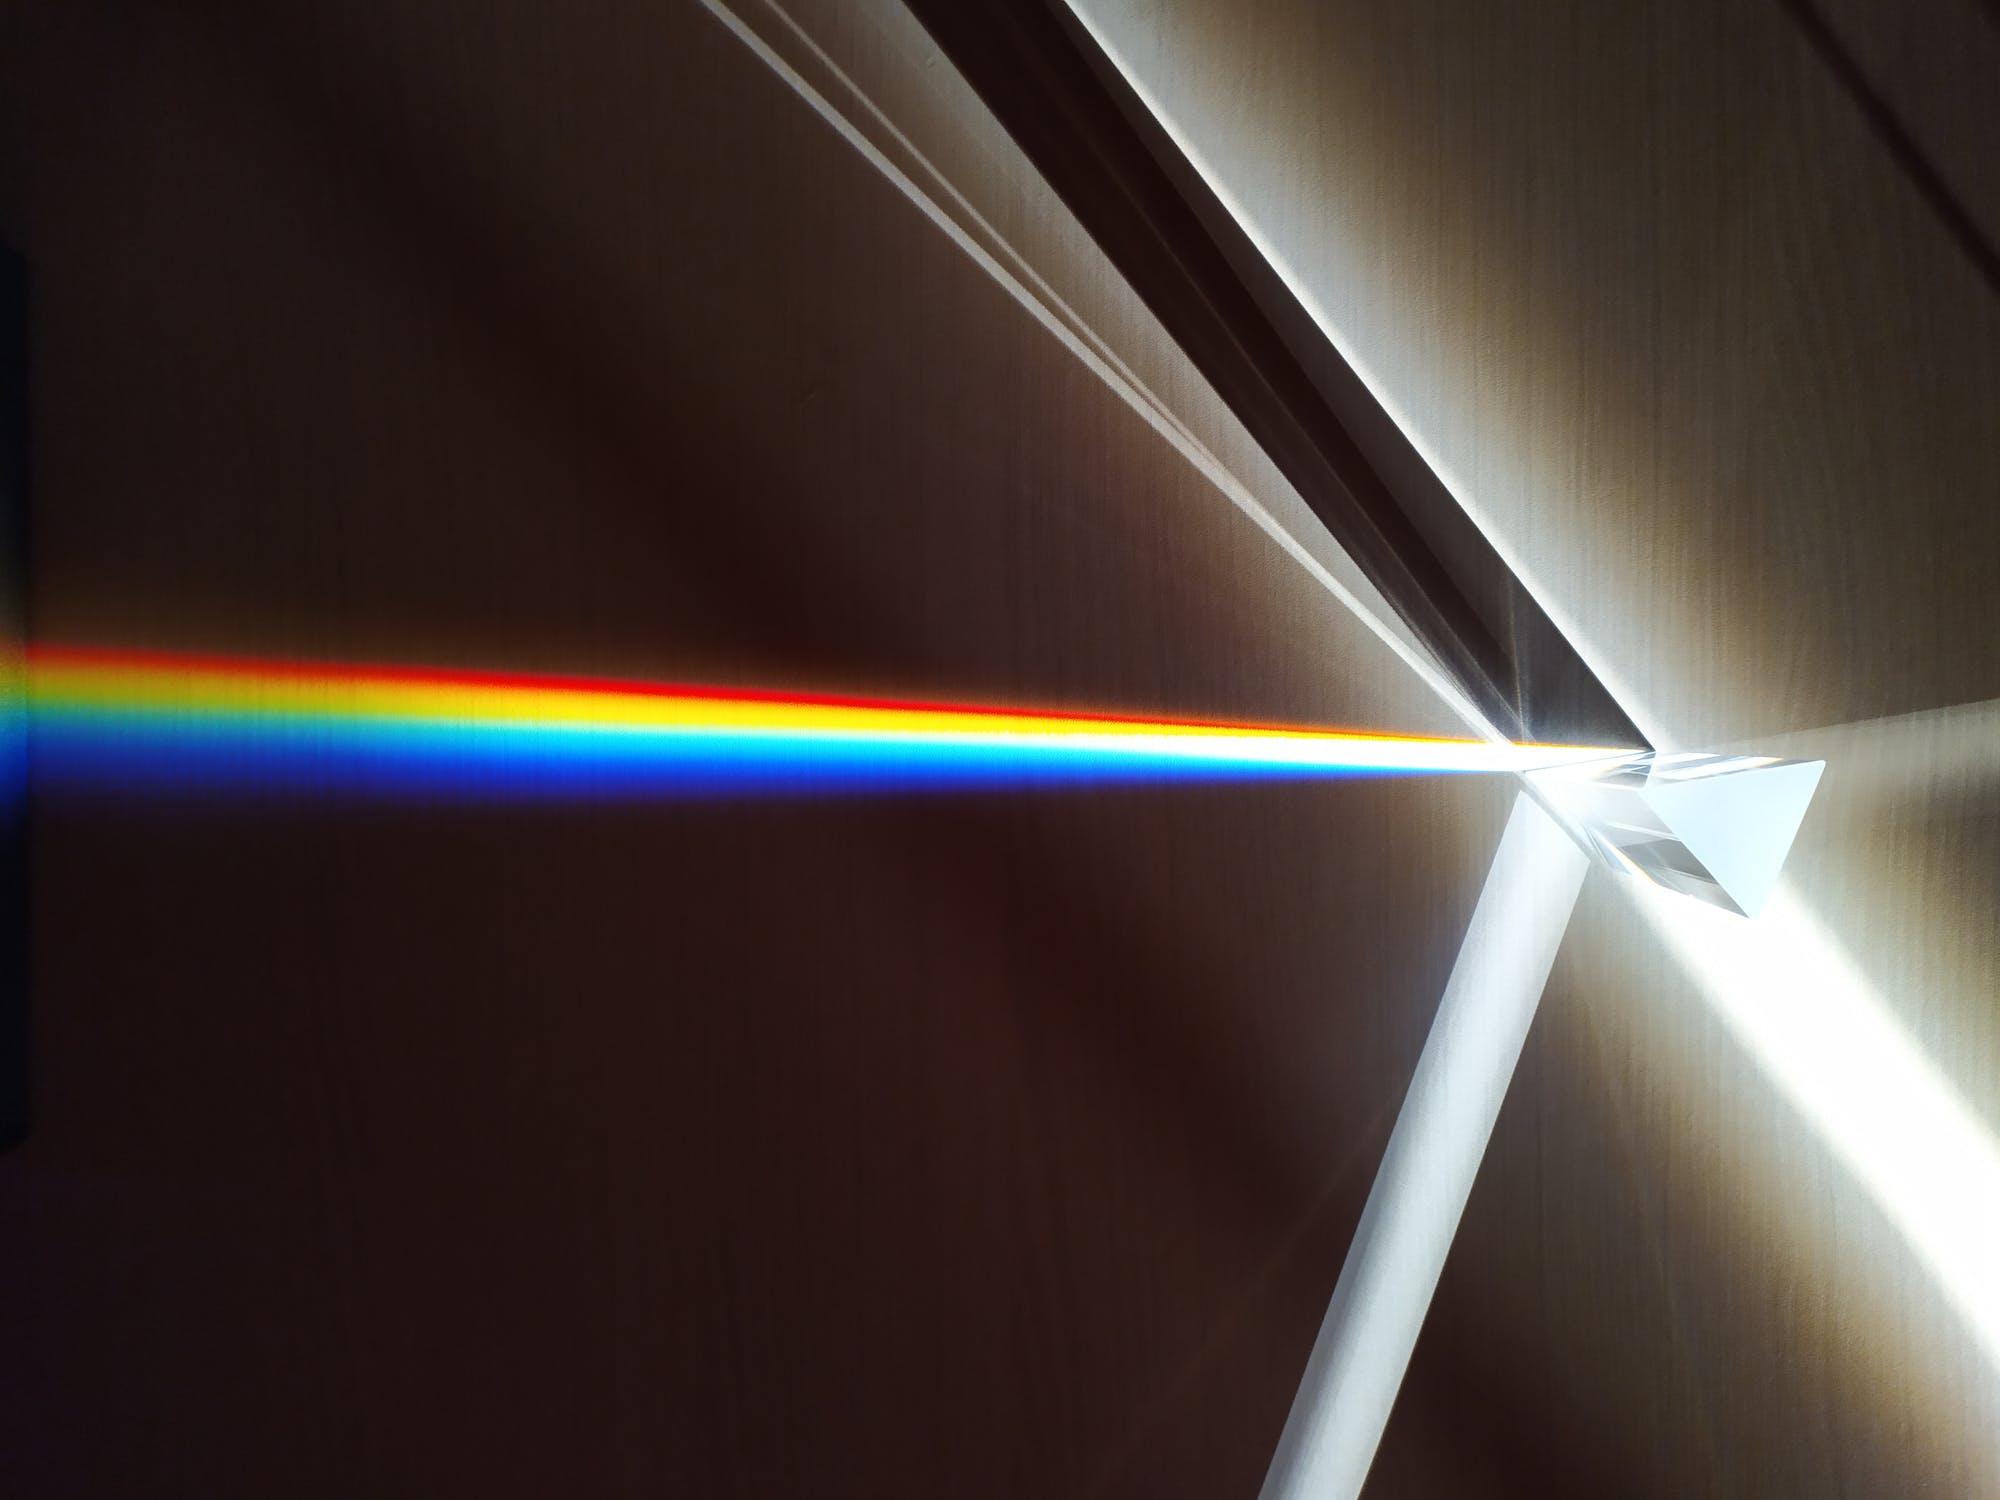 Rifrazione della luce, spettro della luce bianca